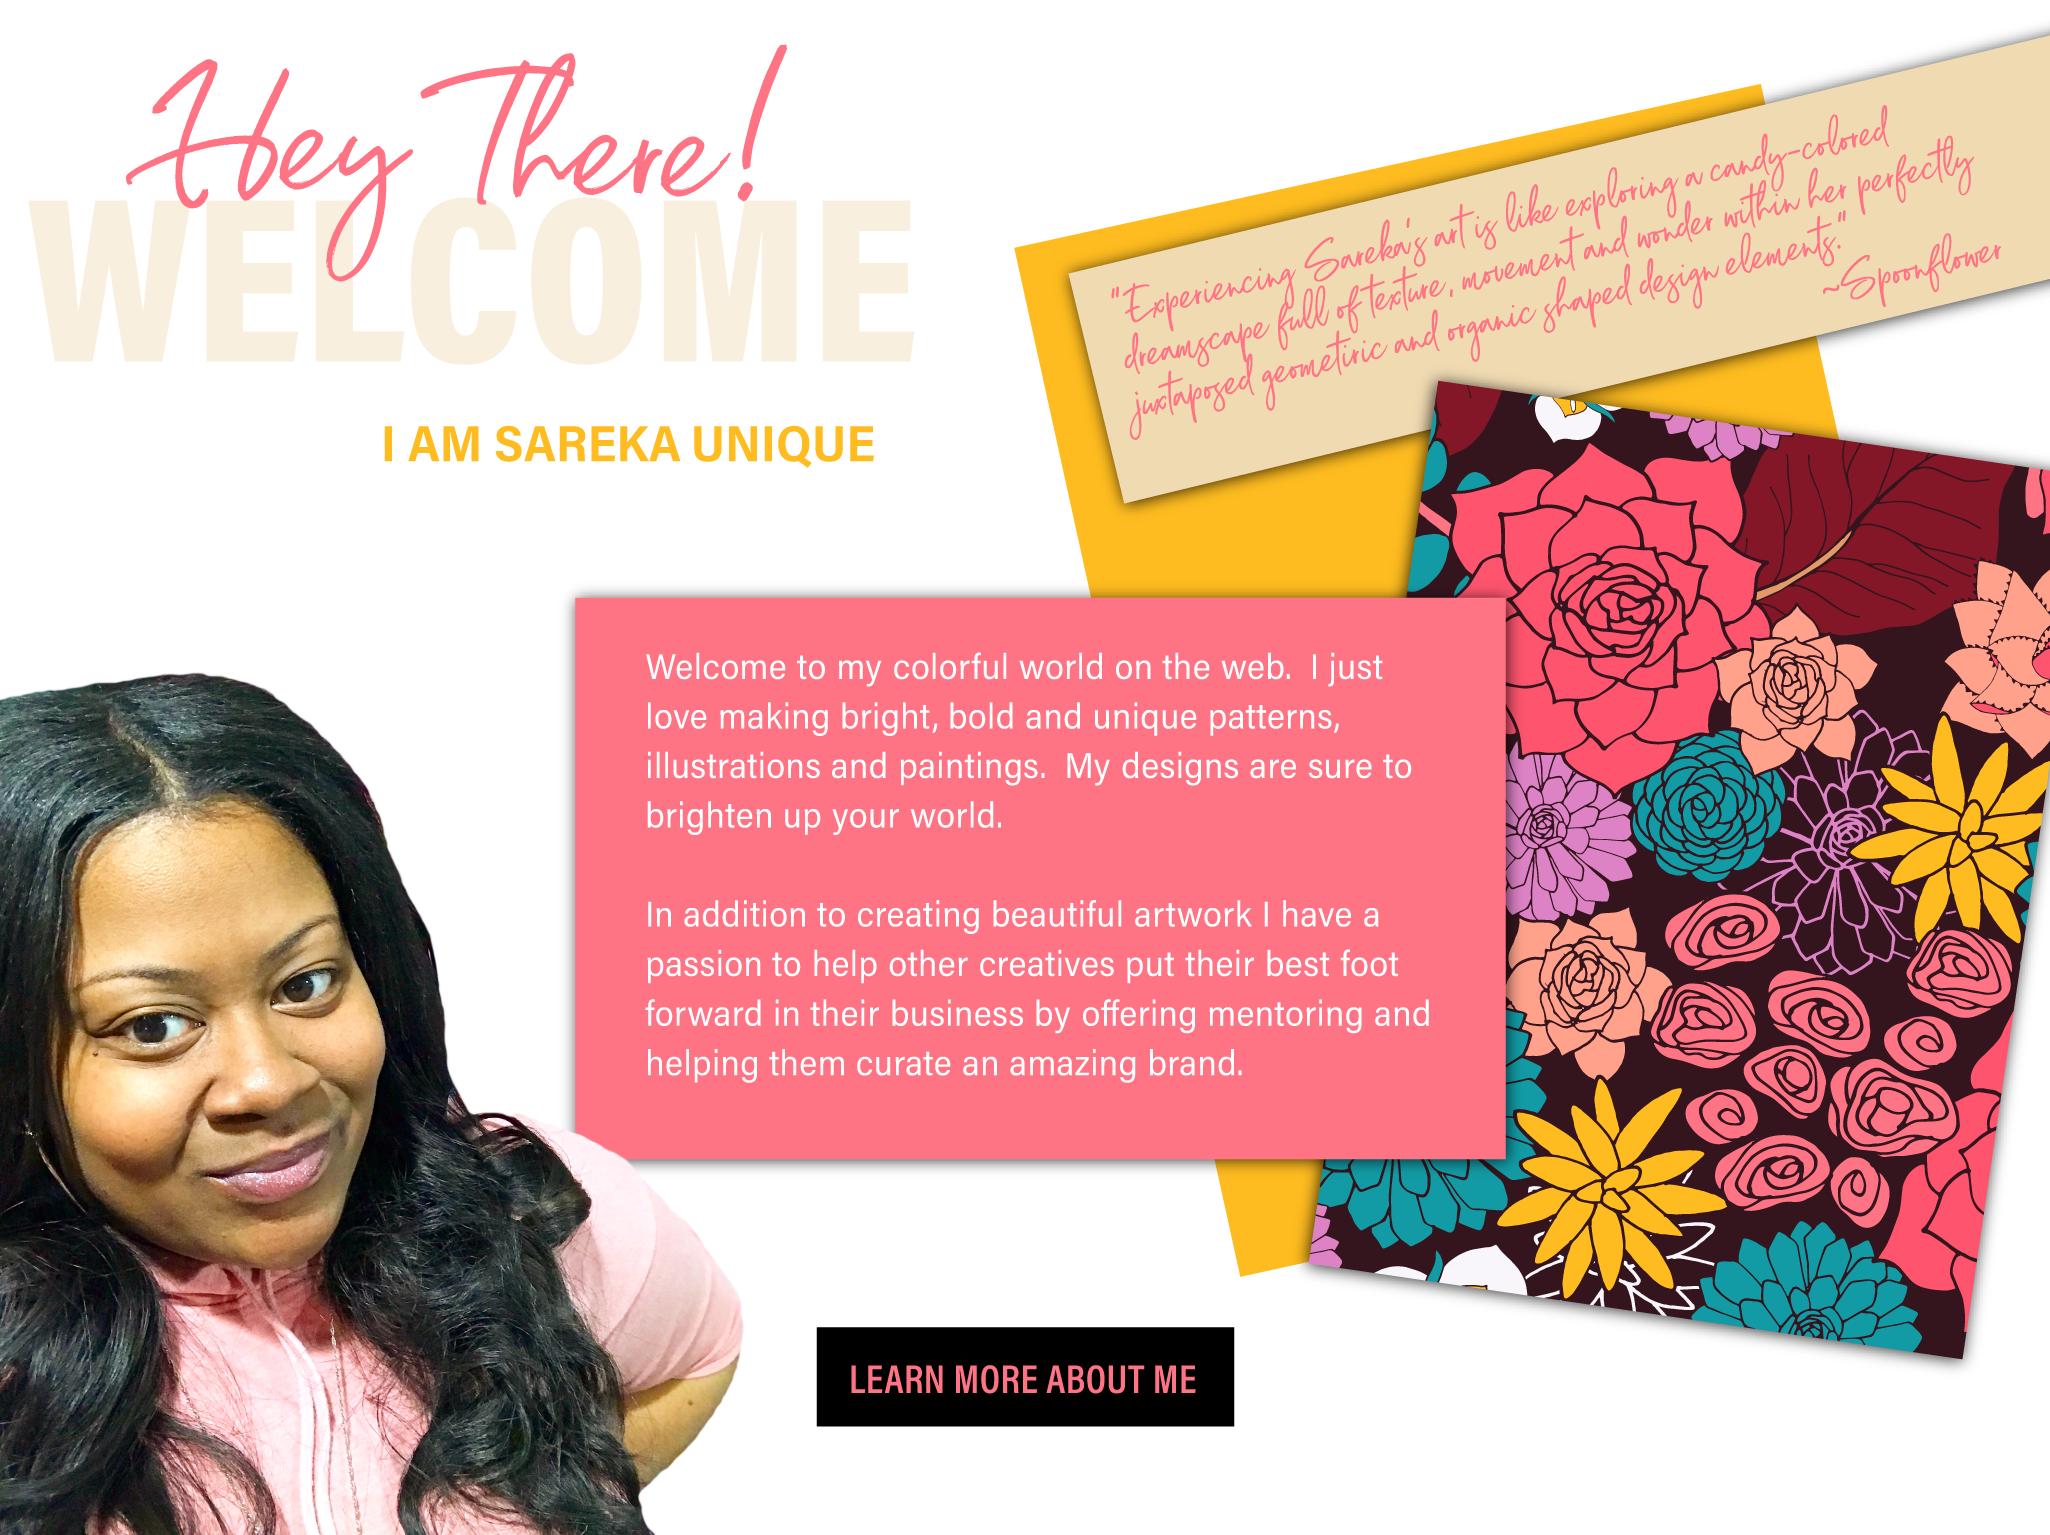 Sareka-Unique-Website-ABOUT-ME.png